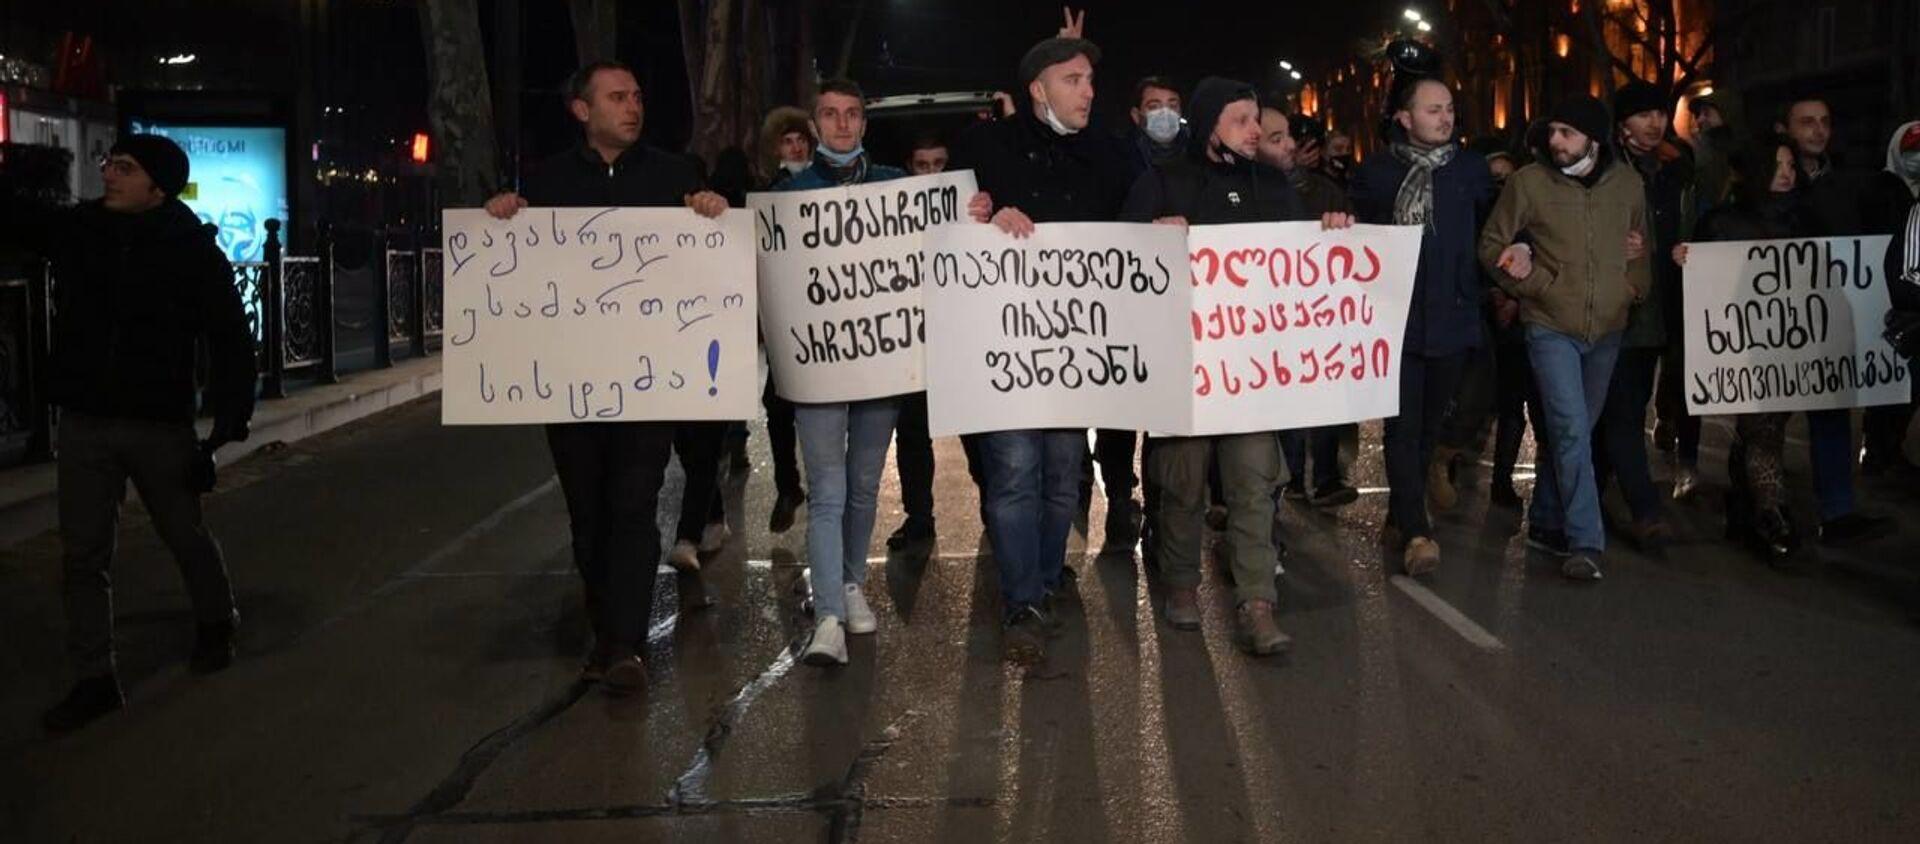 Активисты оппозиции провели акцию во время комендантского часа 24 января 2021 года - Sputnik Грузия, 1920, 16.02.2021